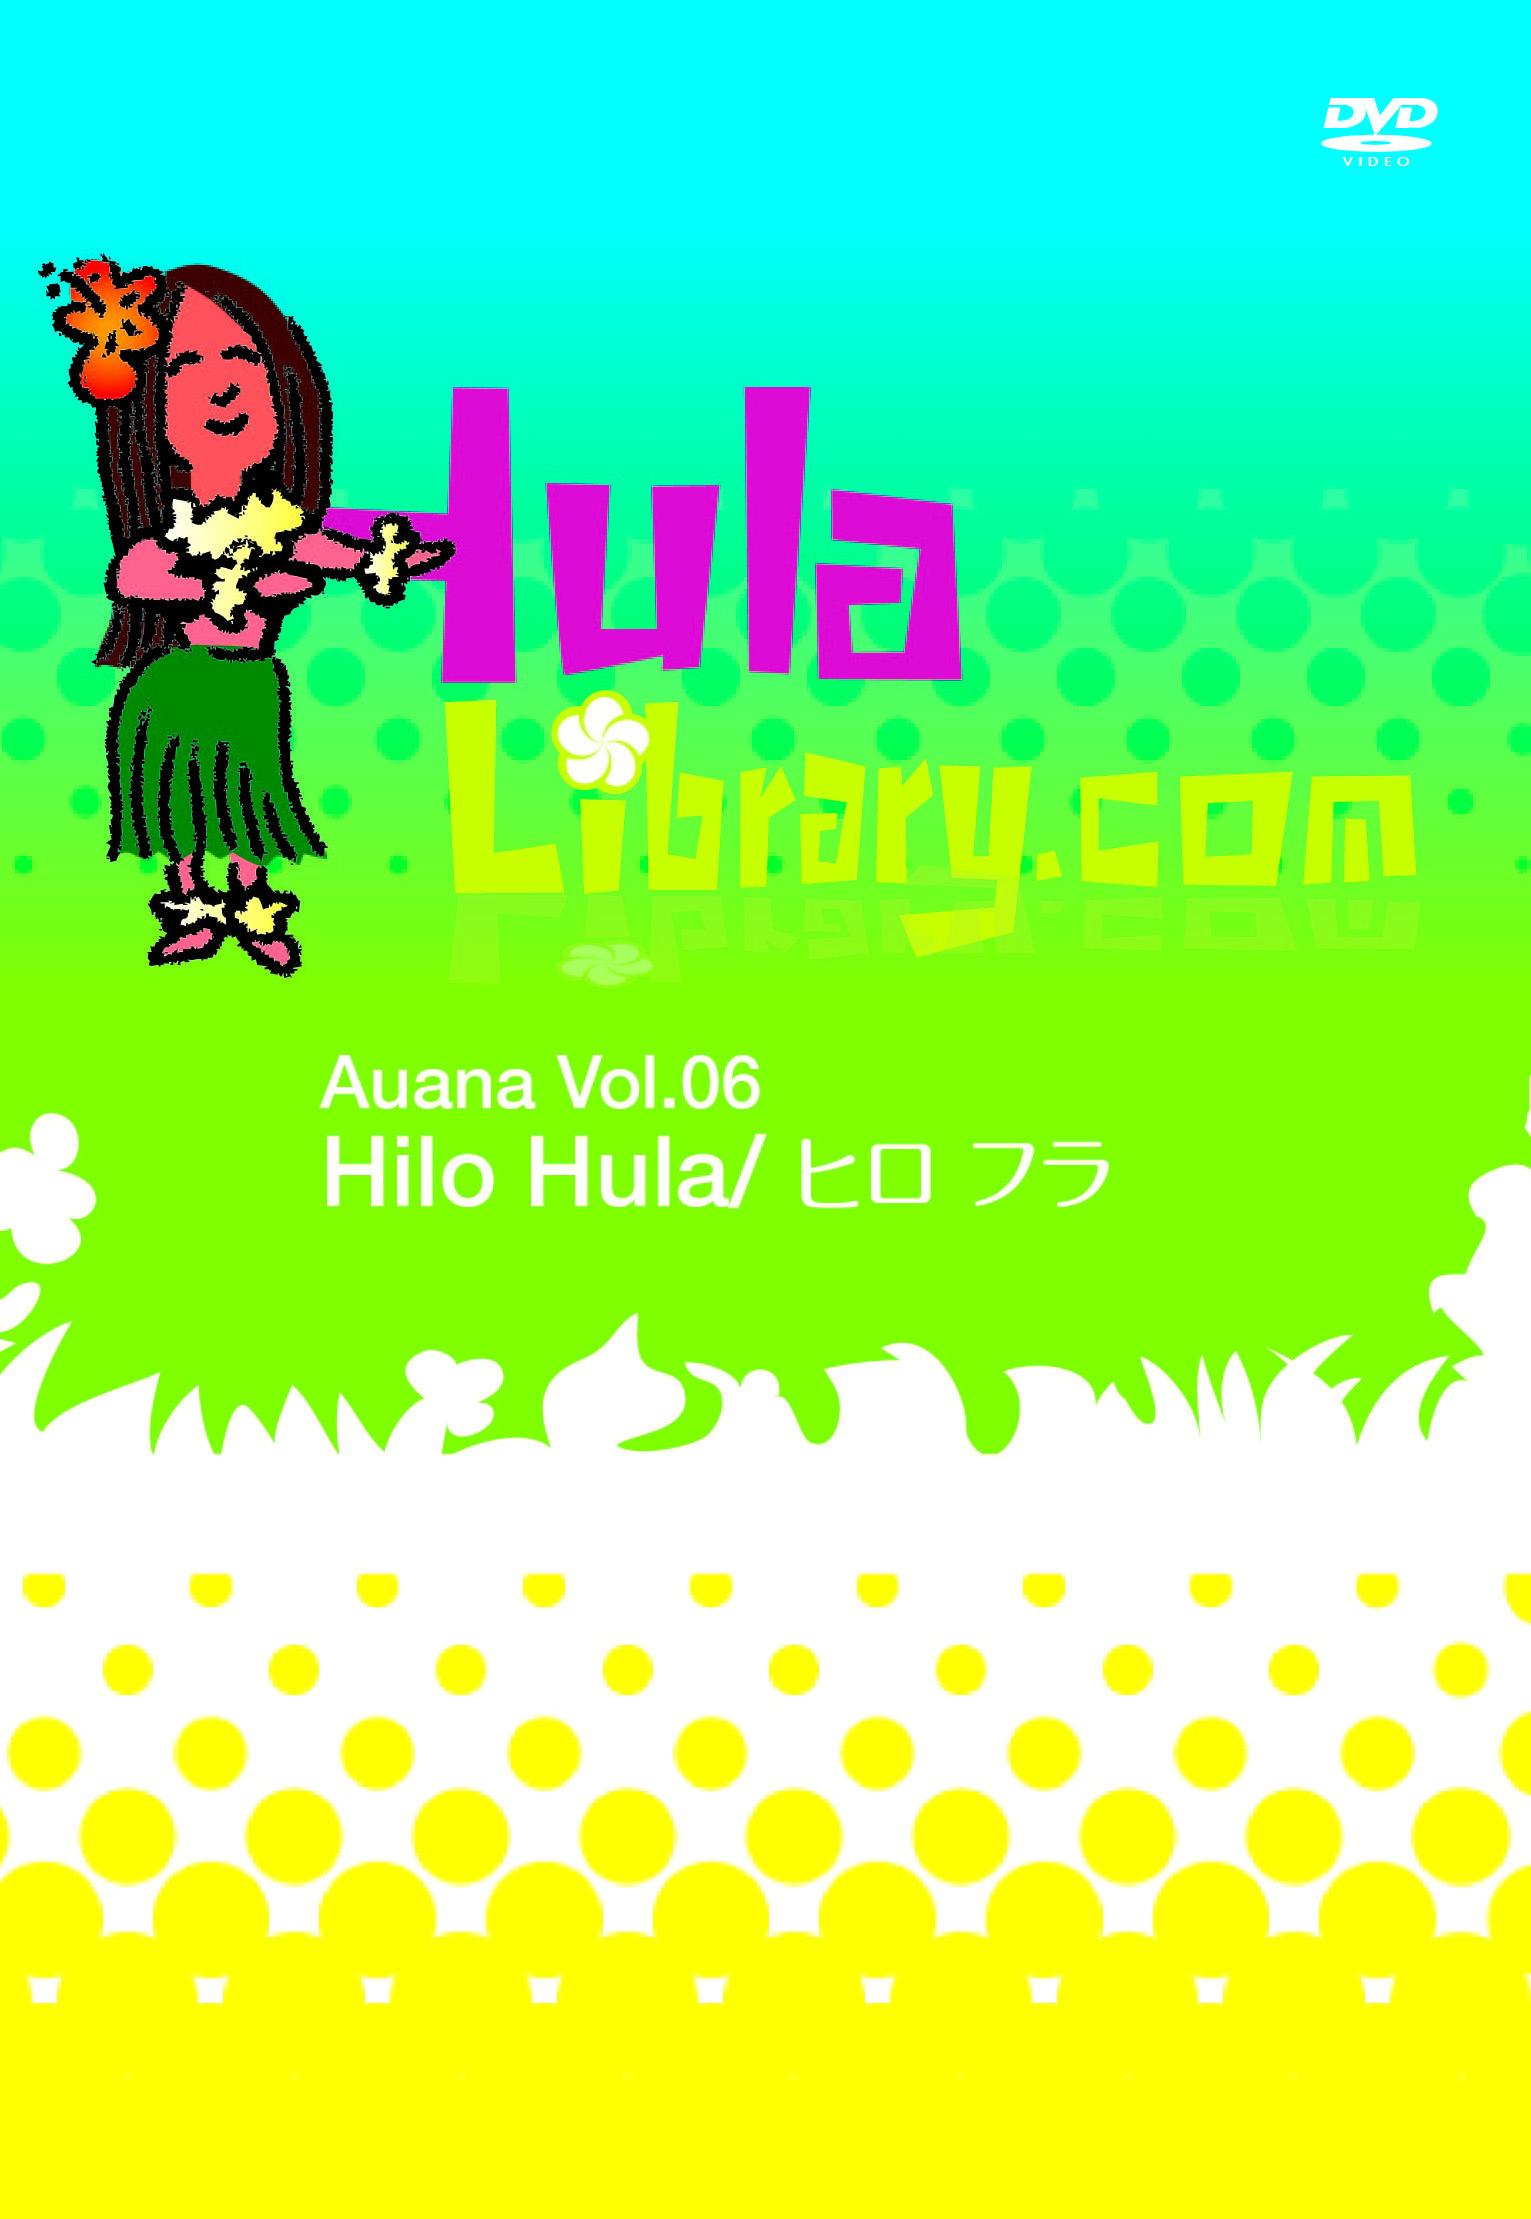 フラライブラリーDVD Vol.6 Hilo Hula/ヒロ フラ